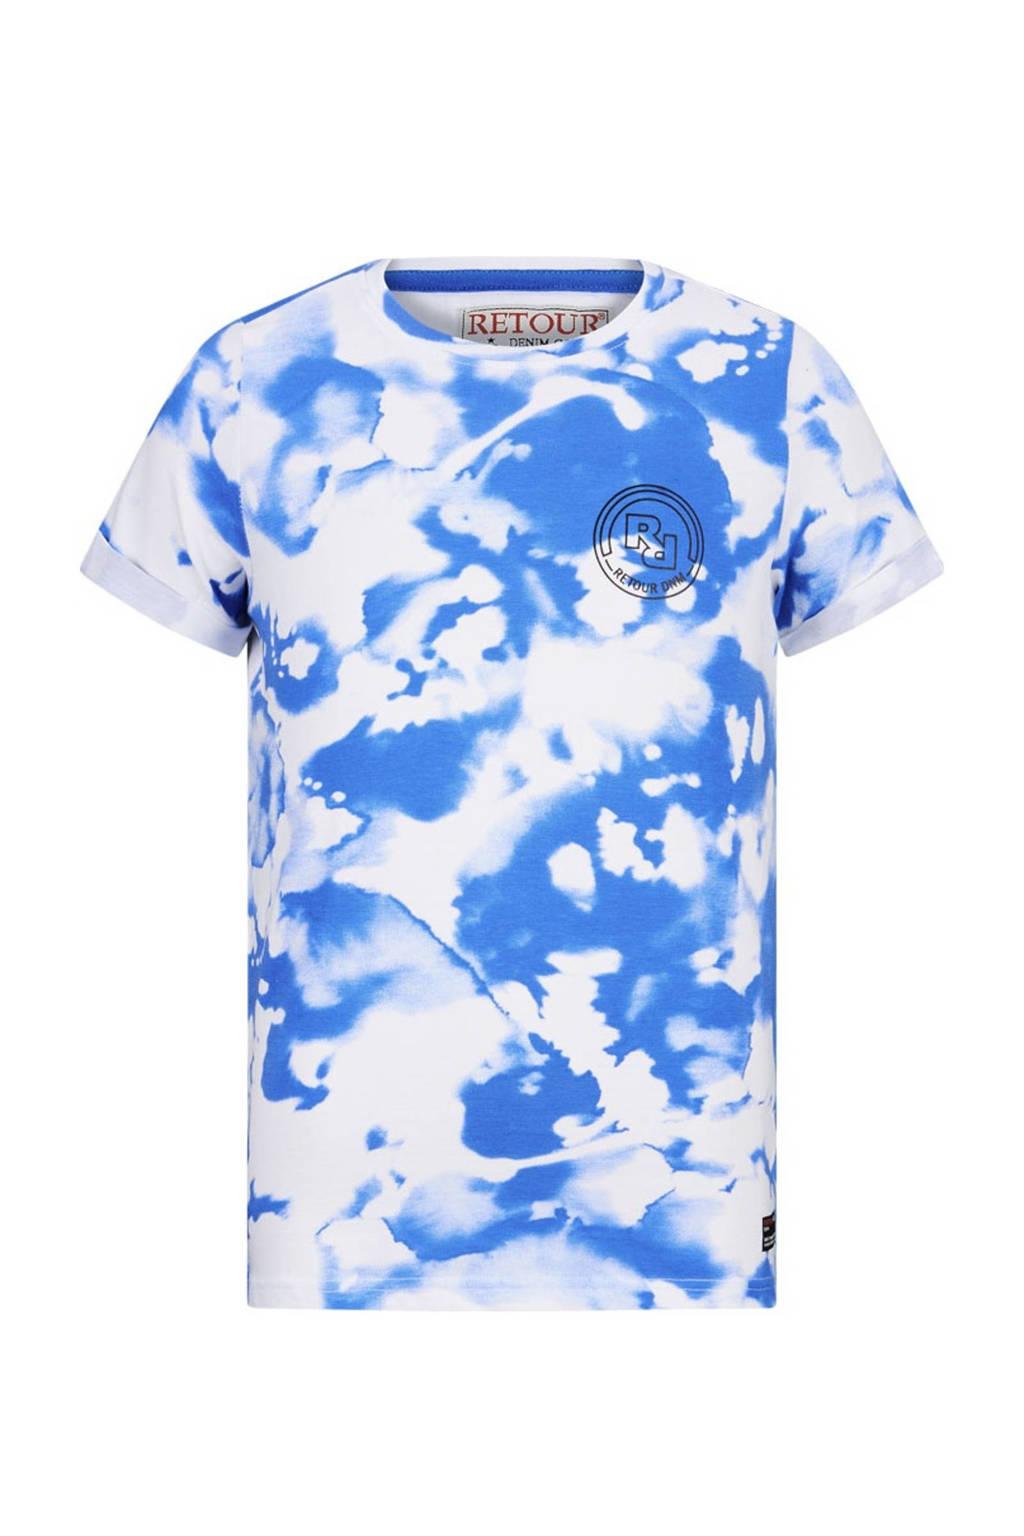 Retour Denim tie-dye T-shirt Levi van biologisch katoen wit/fel blauw, Wit/fel blauw